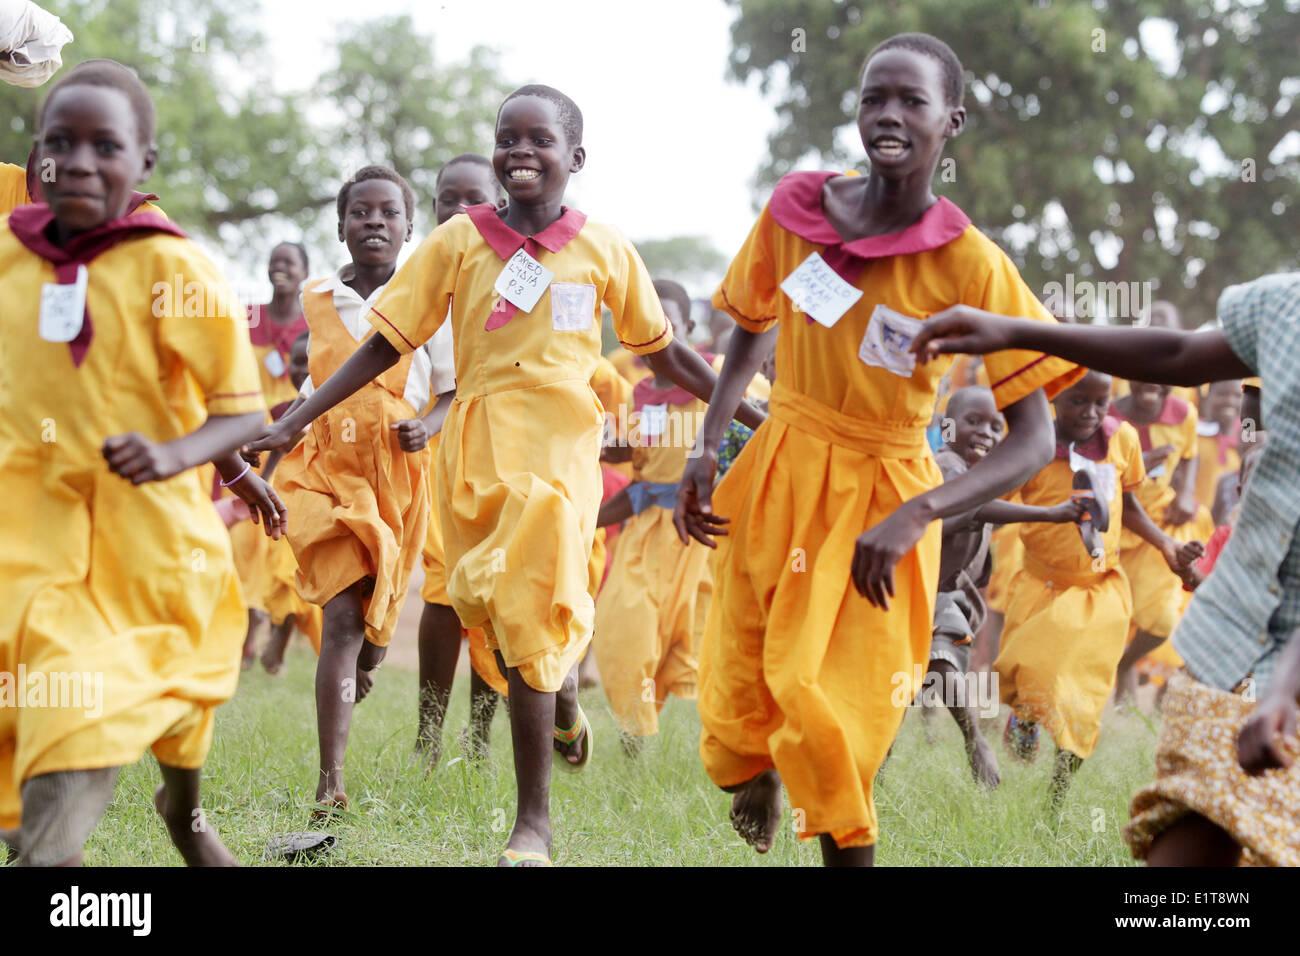 Los niños juegan en la escuela de su aldea en el distrito de Lira, en el norte de Uganda. Imagen De Stock